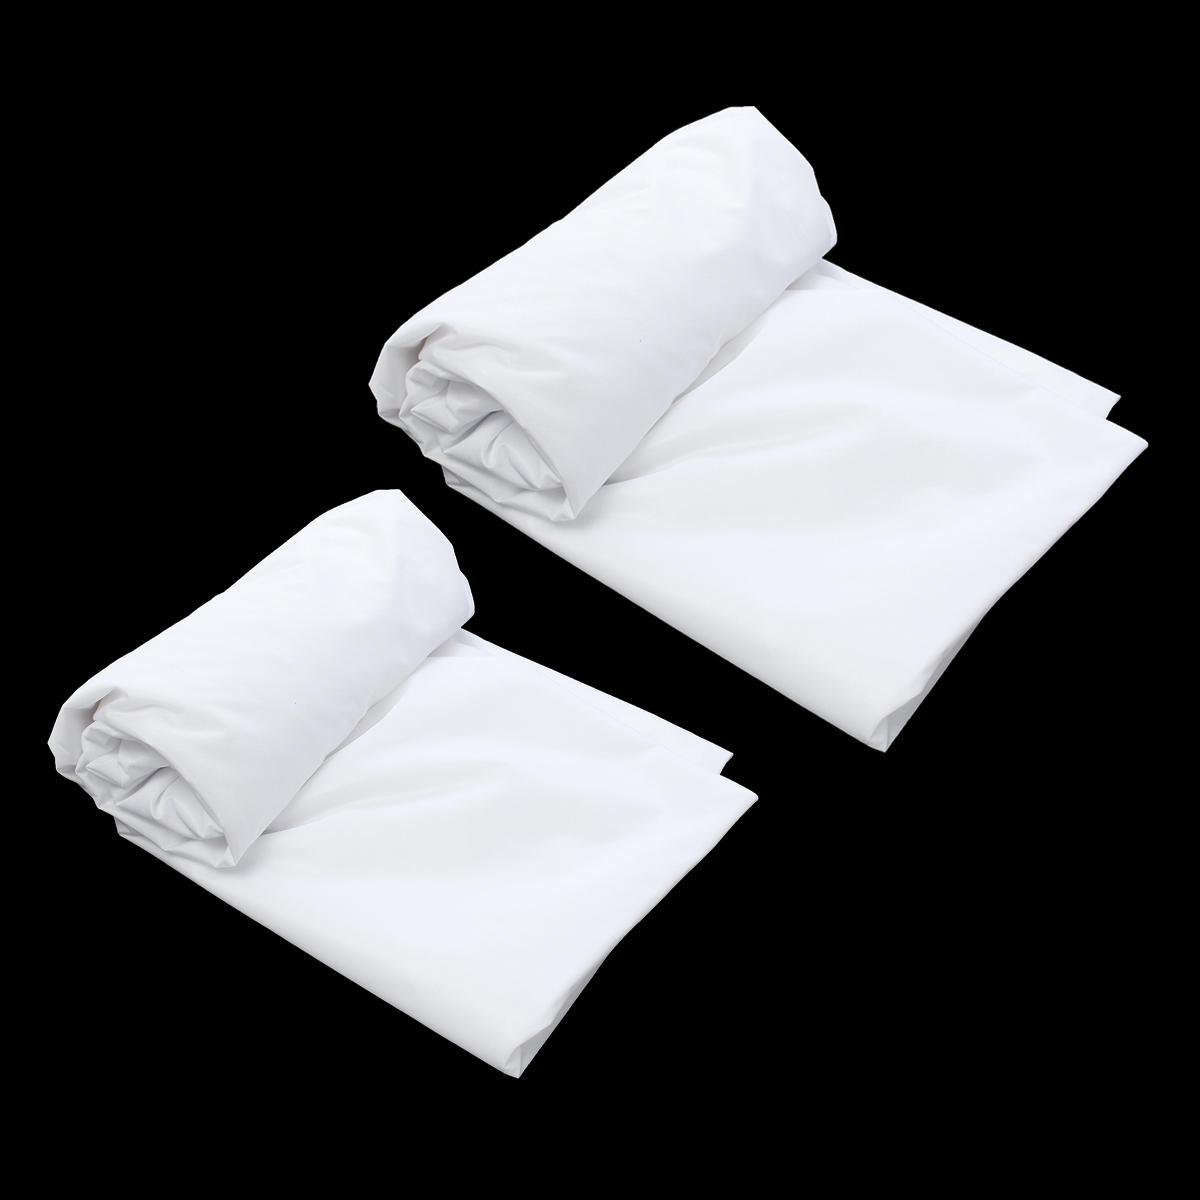 Hypoallergene waterdichte matrasbeschermer Bed Bug Vinyl gratis beschermer Queen King